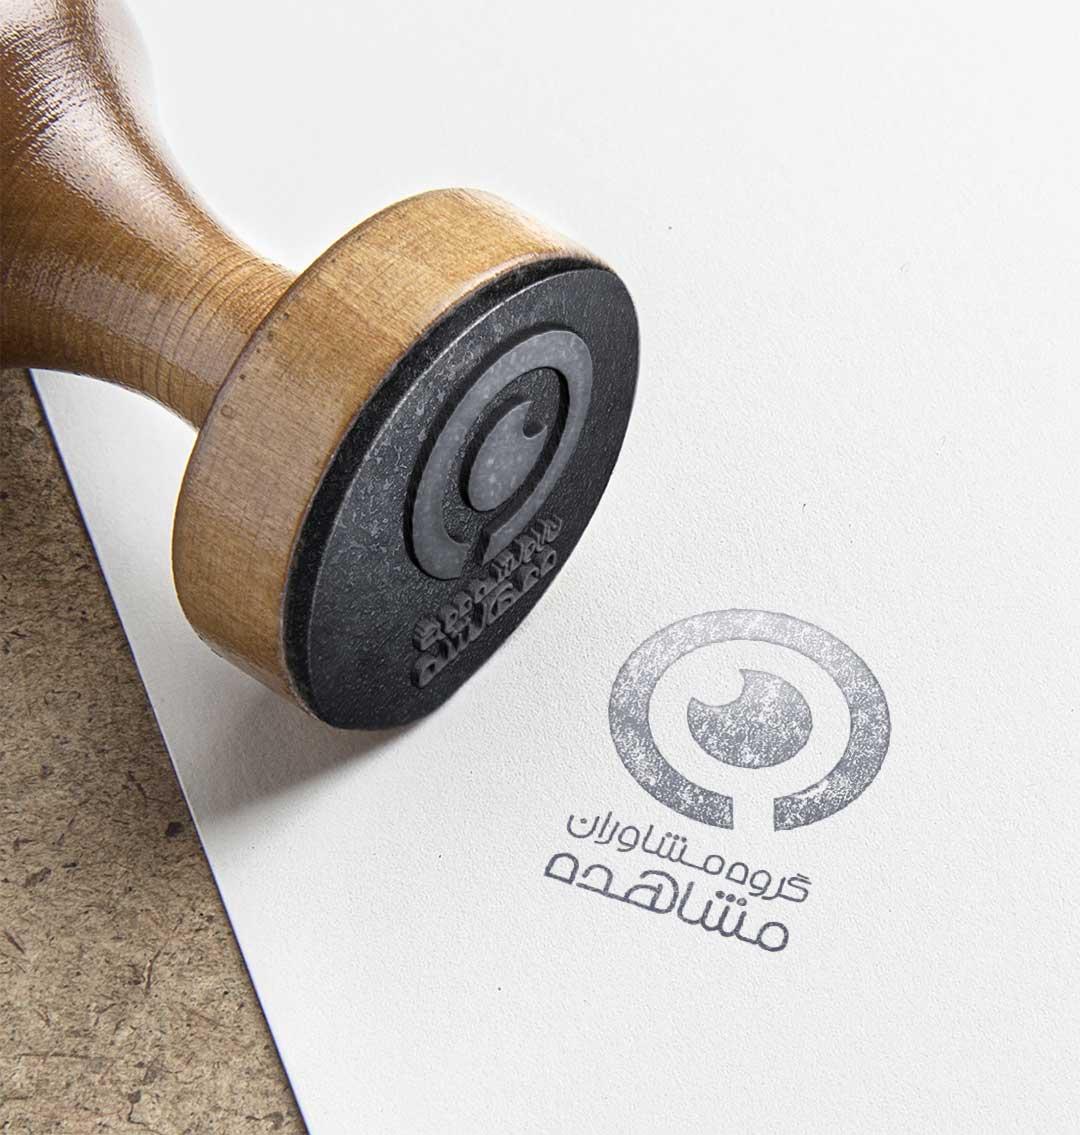 طراحی هویت بصری گروه مشاورین مشاهده توسط آژانس تبلیغاتی شایگان